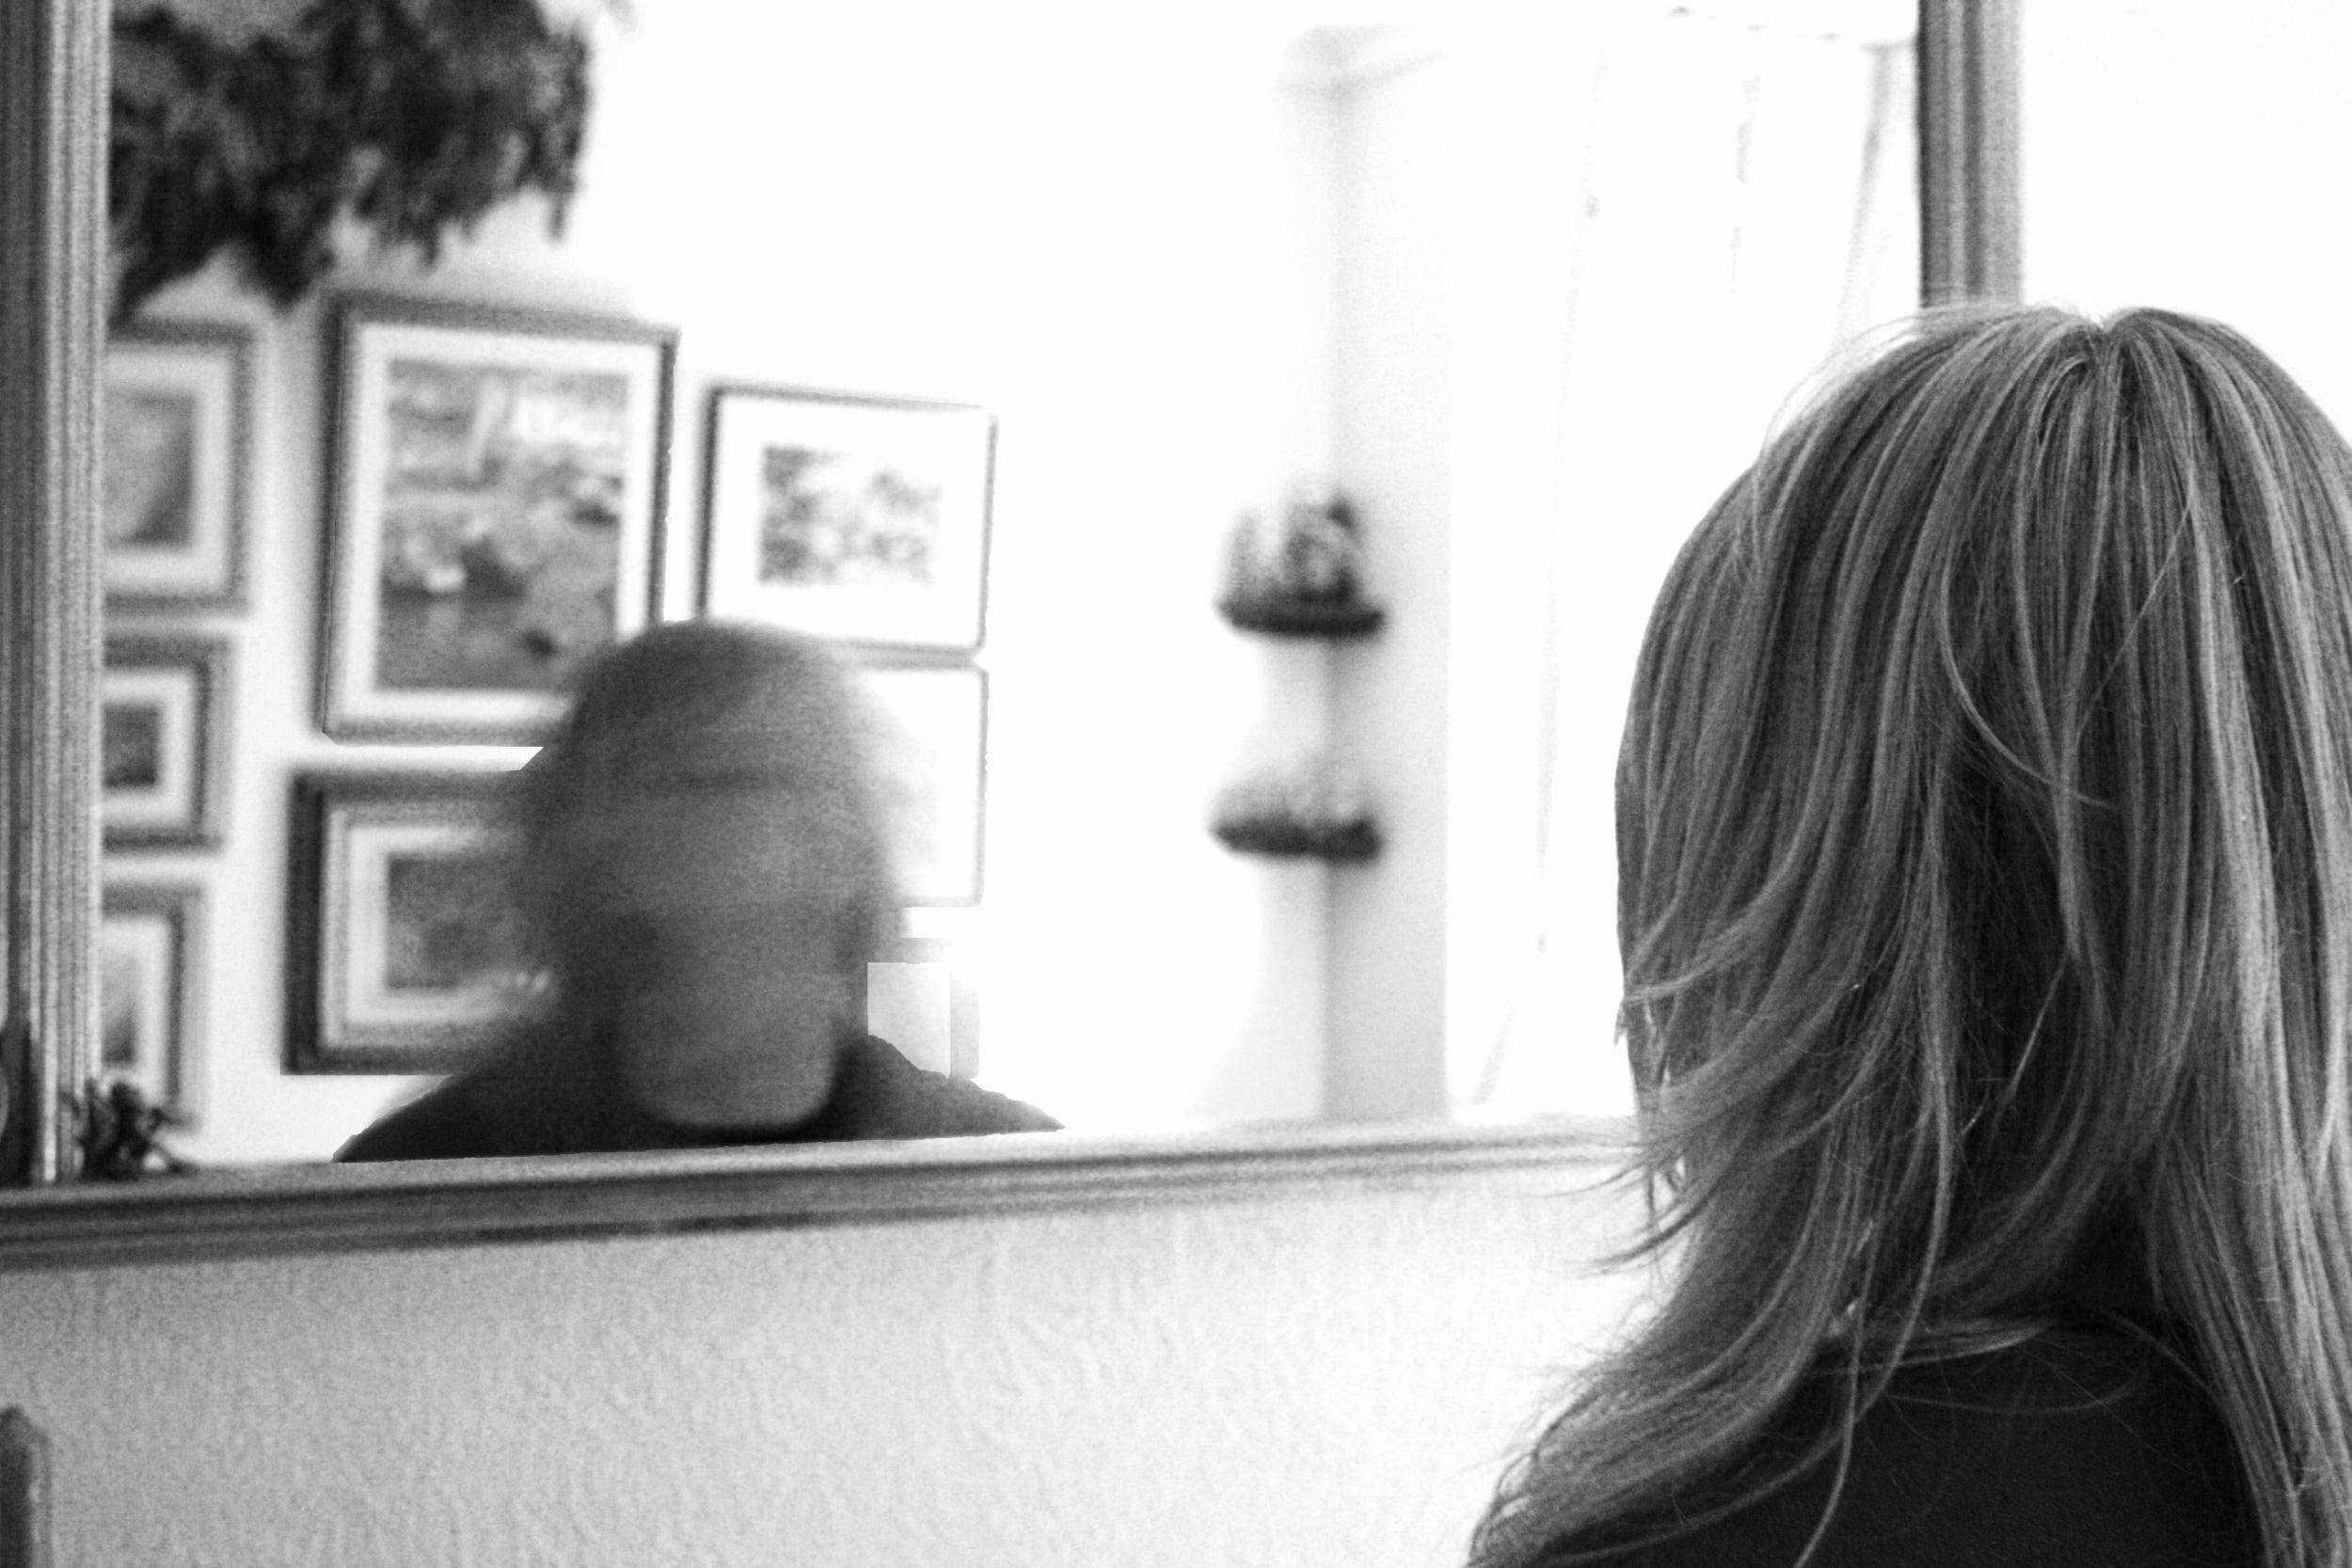 Często osoby chore psychicznie po postawieniu diagnozy zostają same z receptą na lekarstwa(fot. Joe Skinner Photography / http://bit.ly/15CJo8W / CC BY / http://bit.ly/OJZNiI)